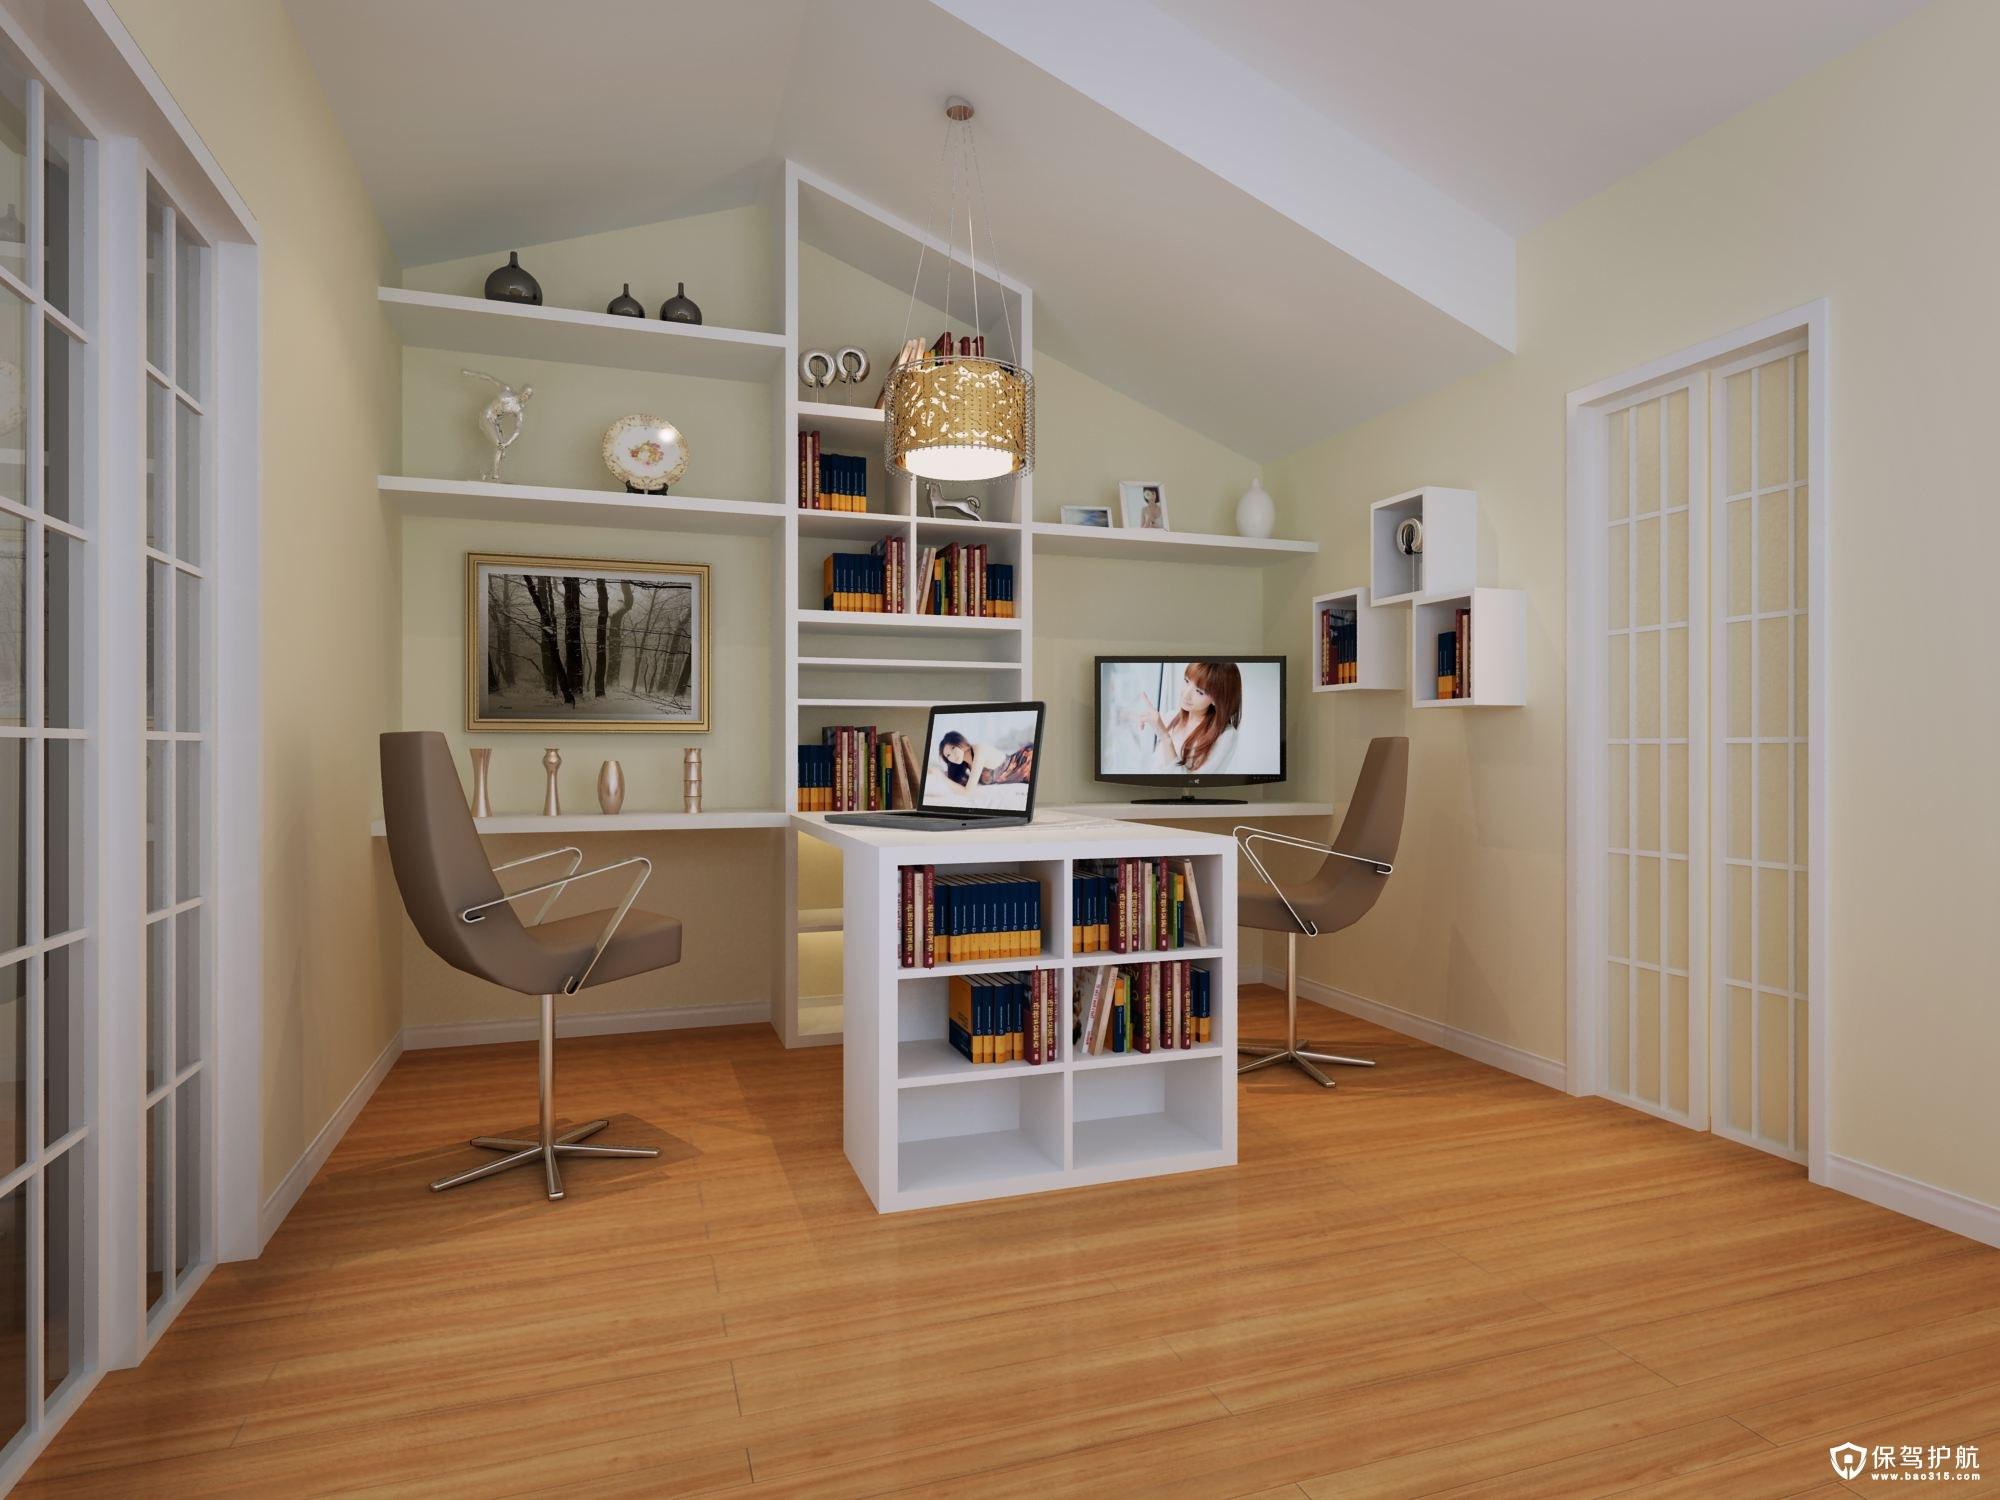 安静的书房如何布置才好?